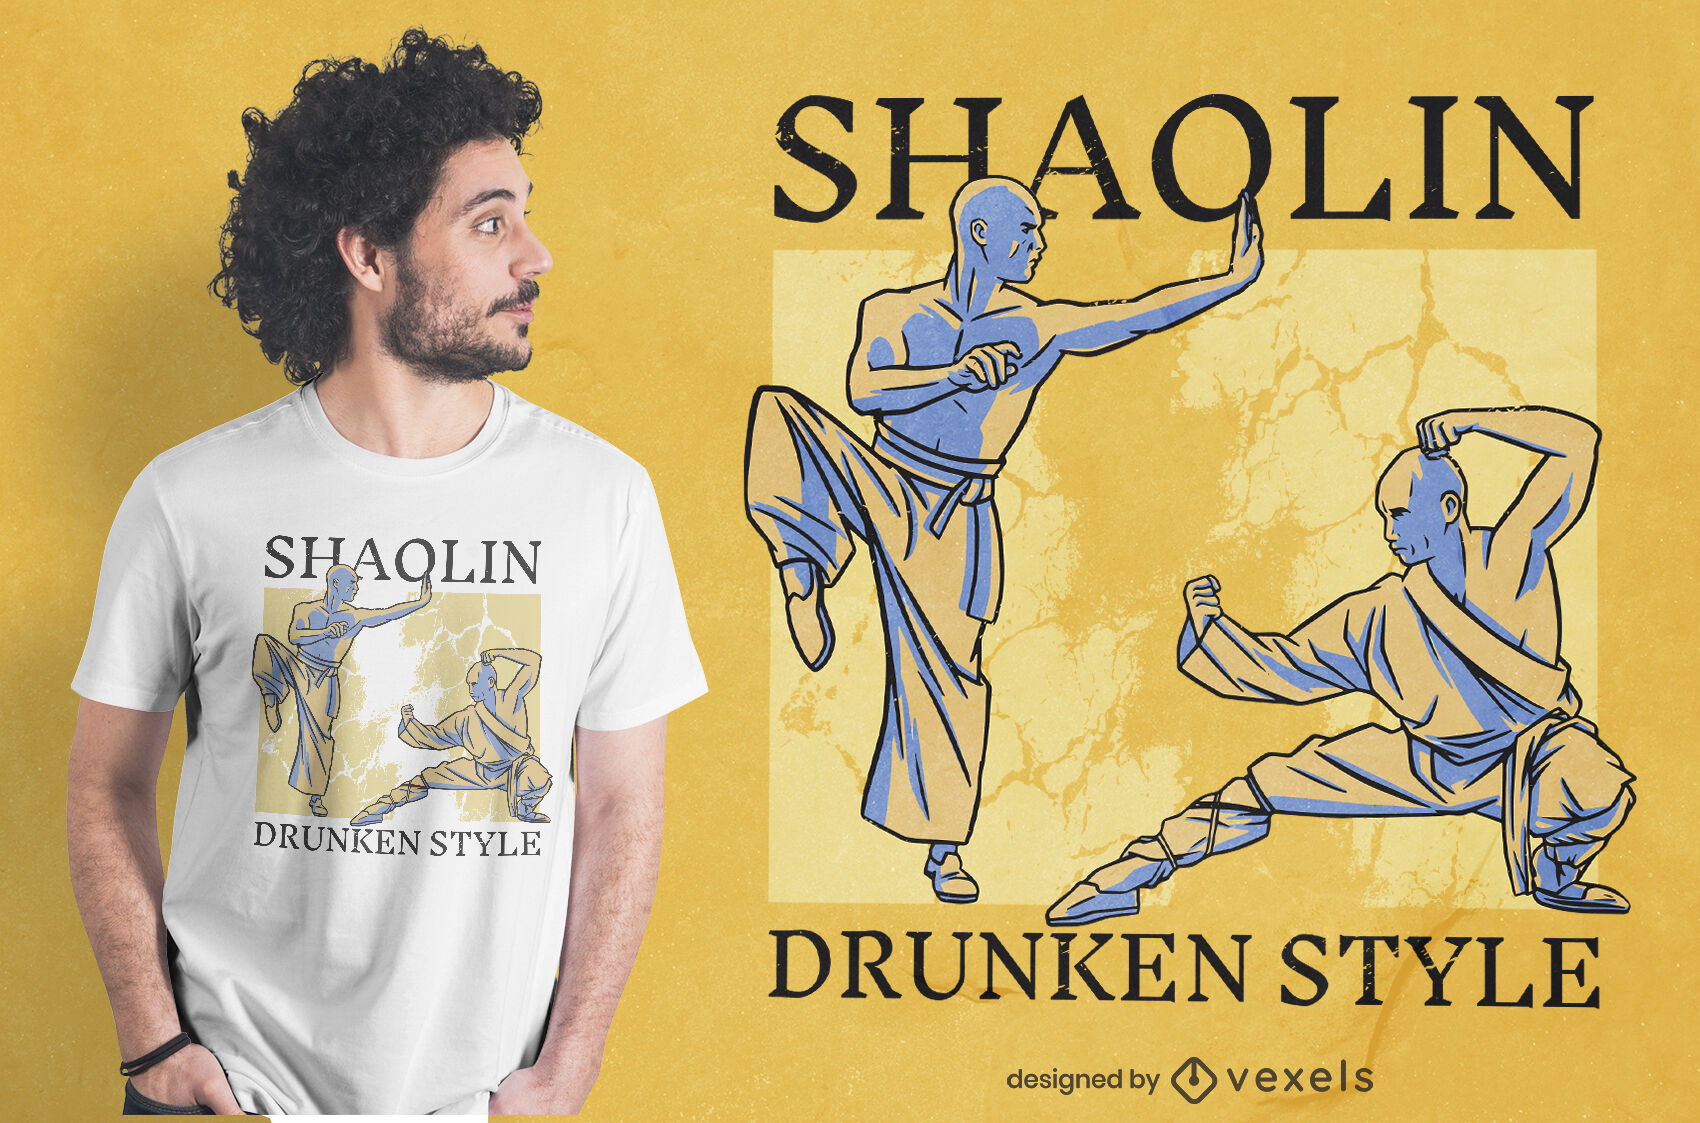 Diseño de camiseta de estilo borracho Shaolin